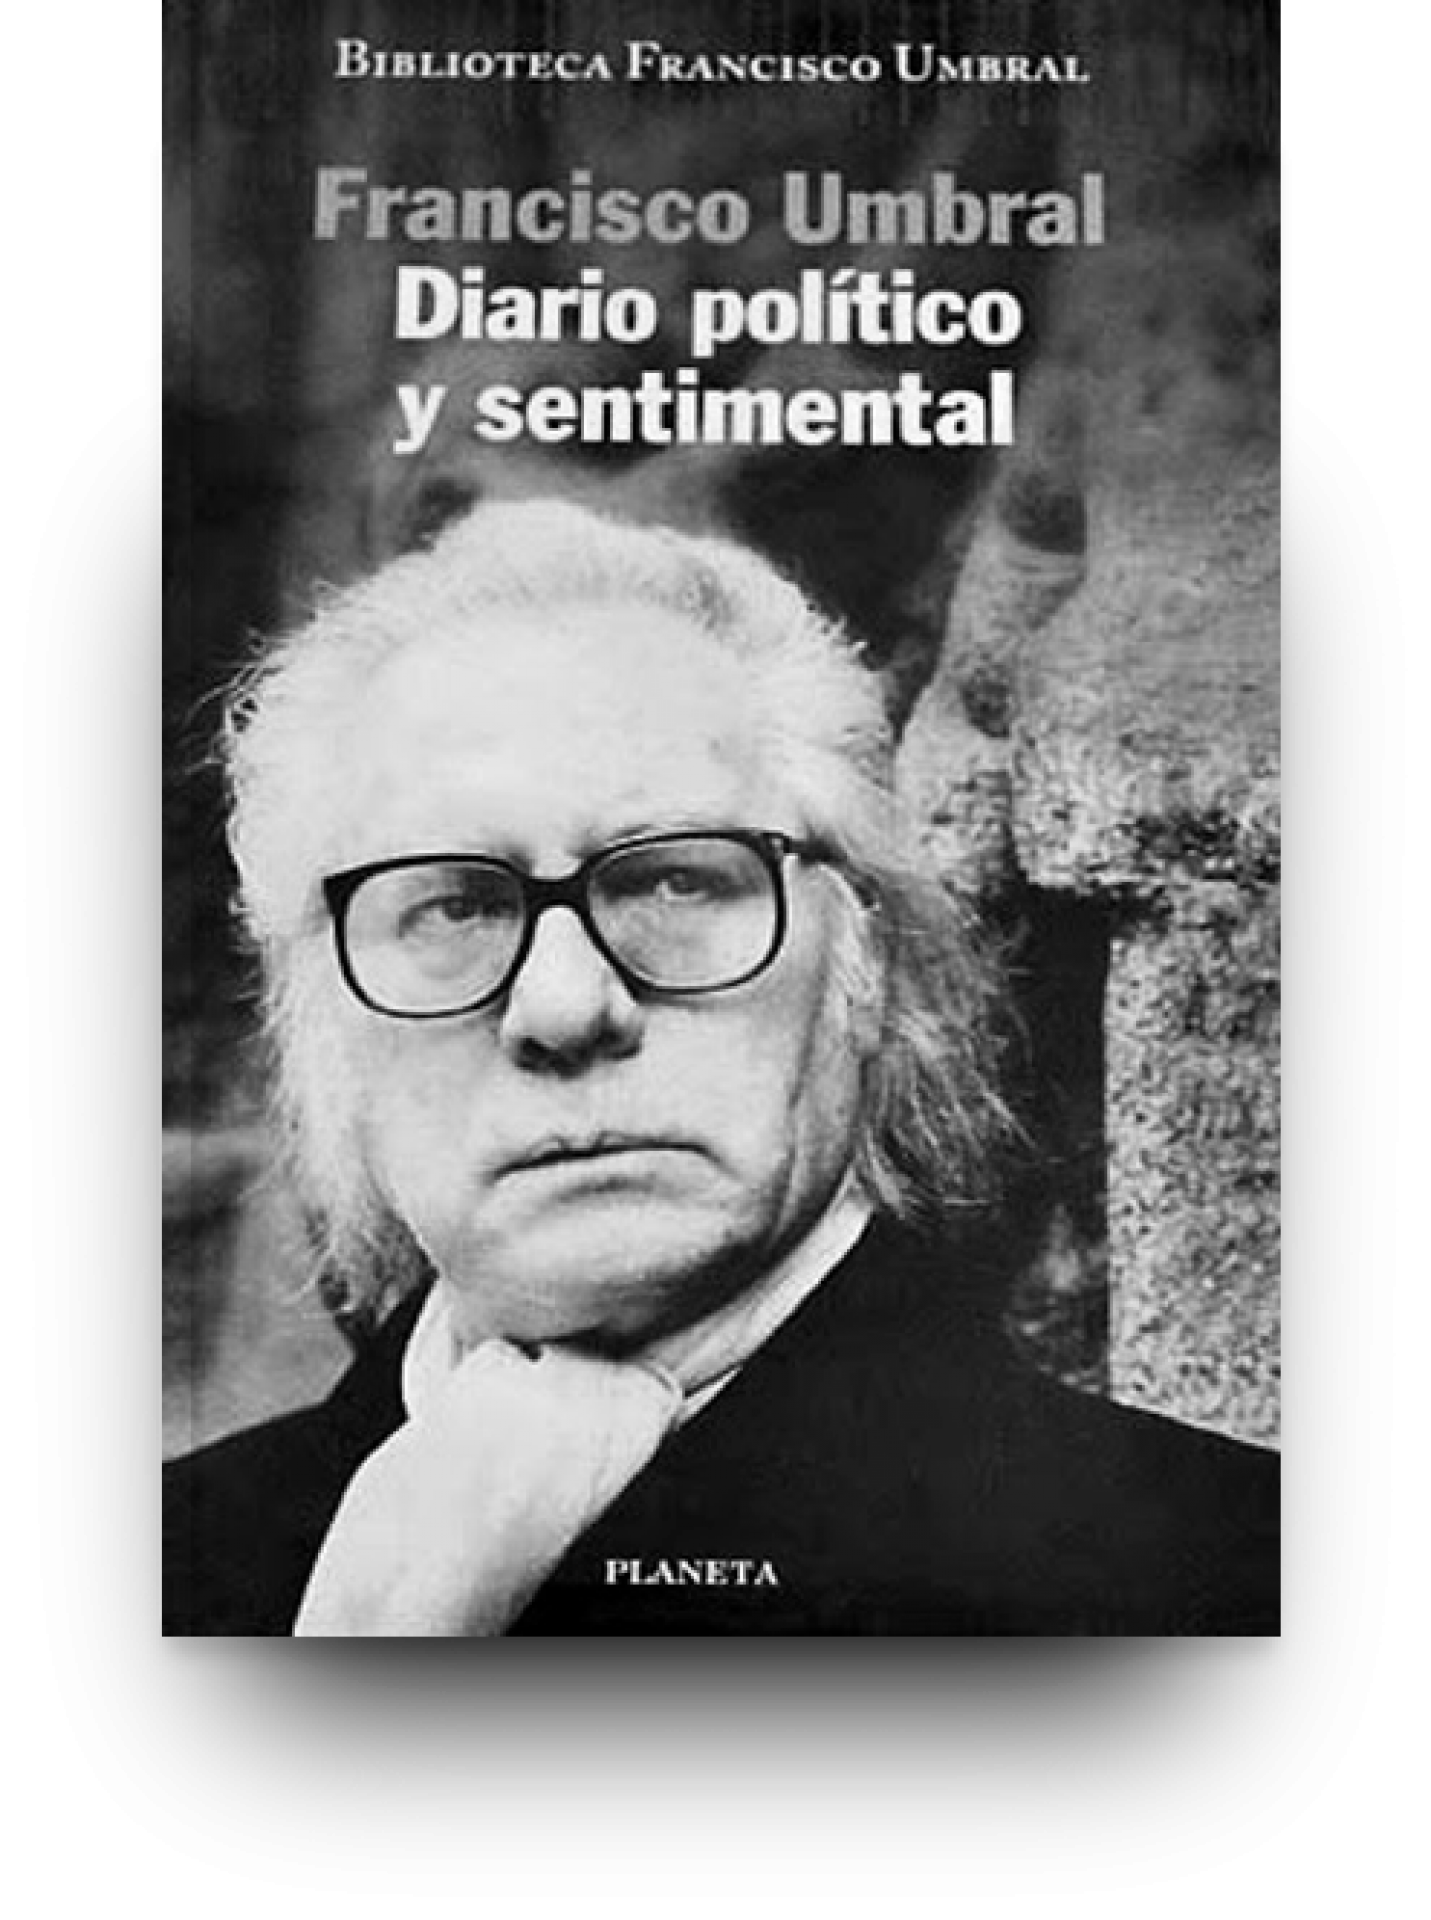 Diario político y sentimental